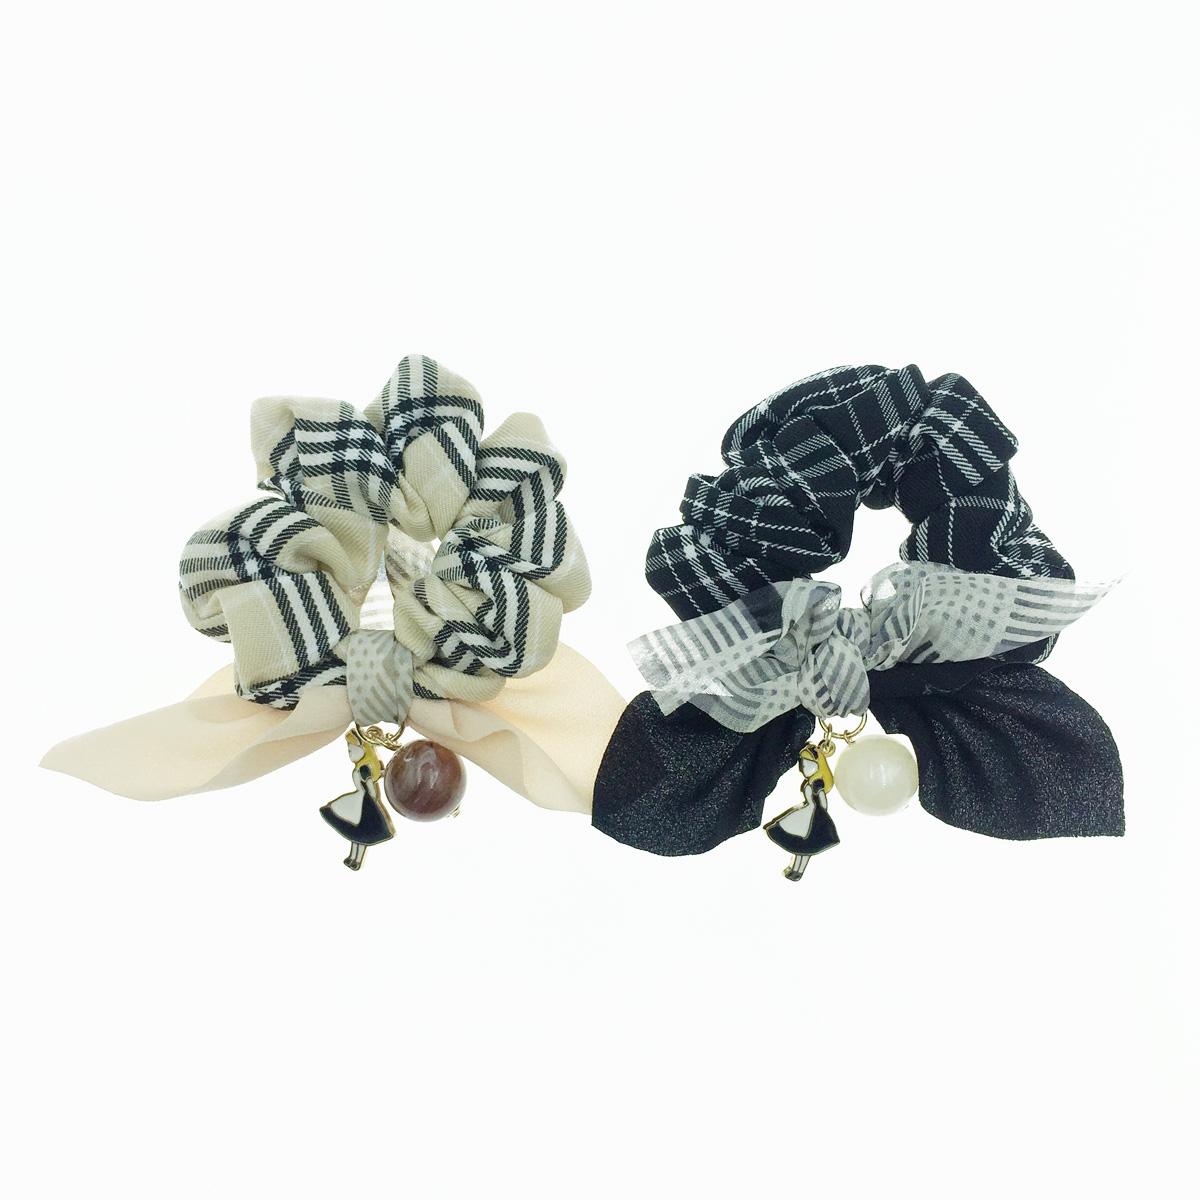 韓國 蘇格蘭紋 蝴蝶結 愛麗絲 大理石感 垂墜寶石 2色 髮飾 髮圈 大腸圈